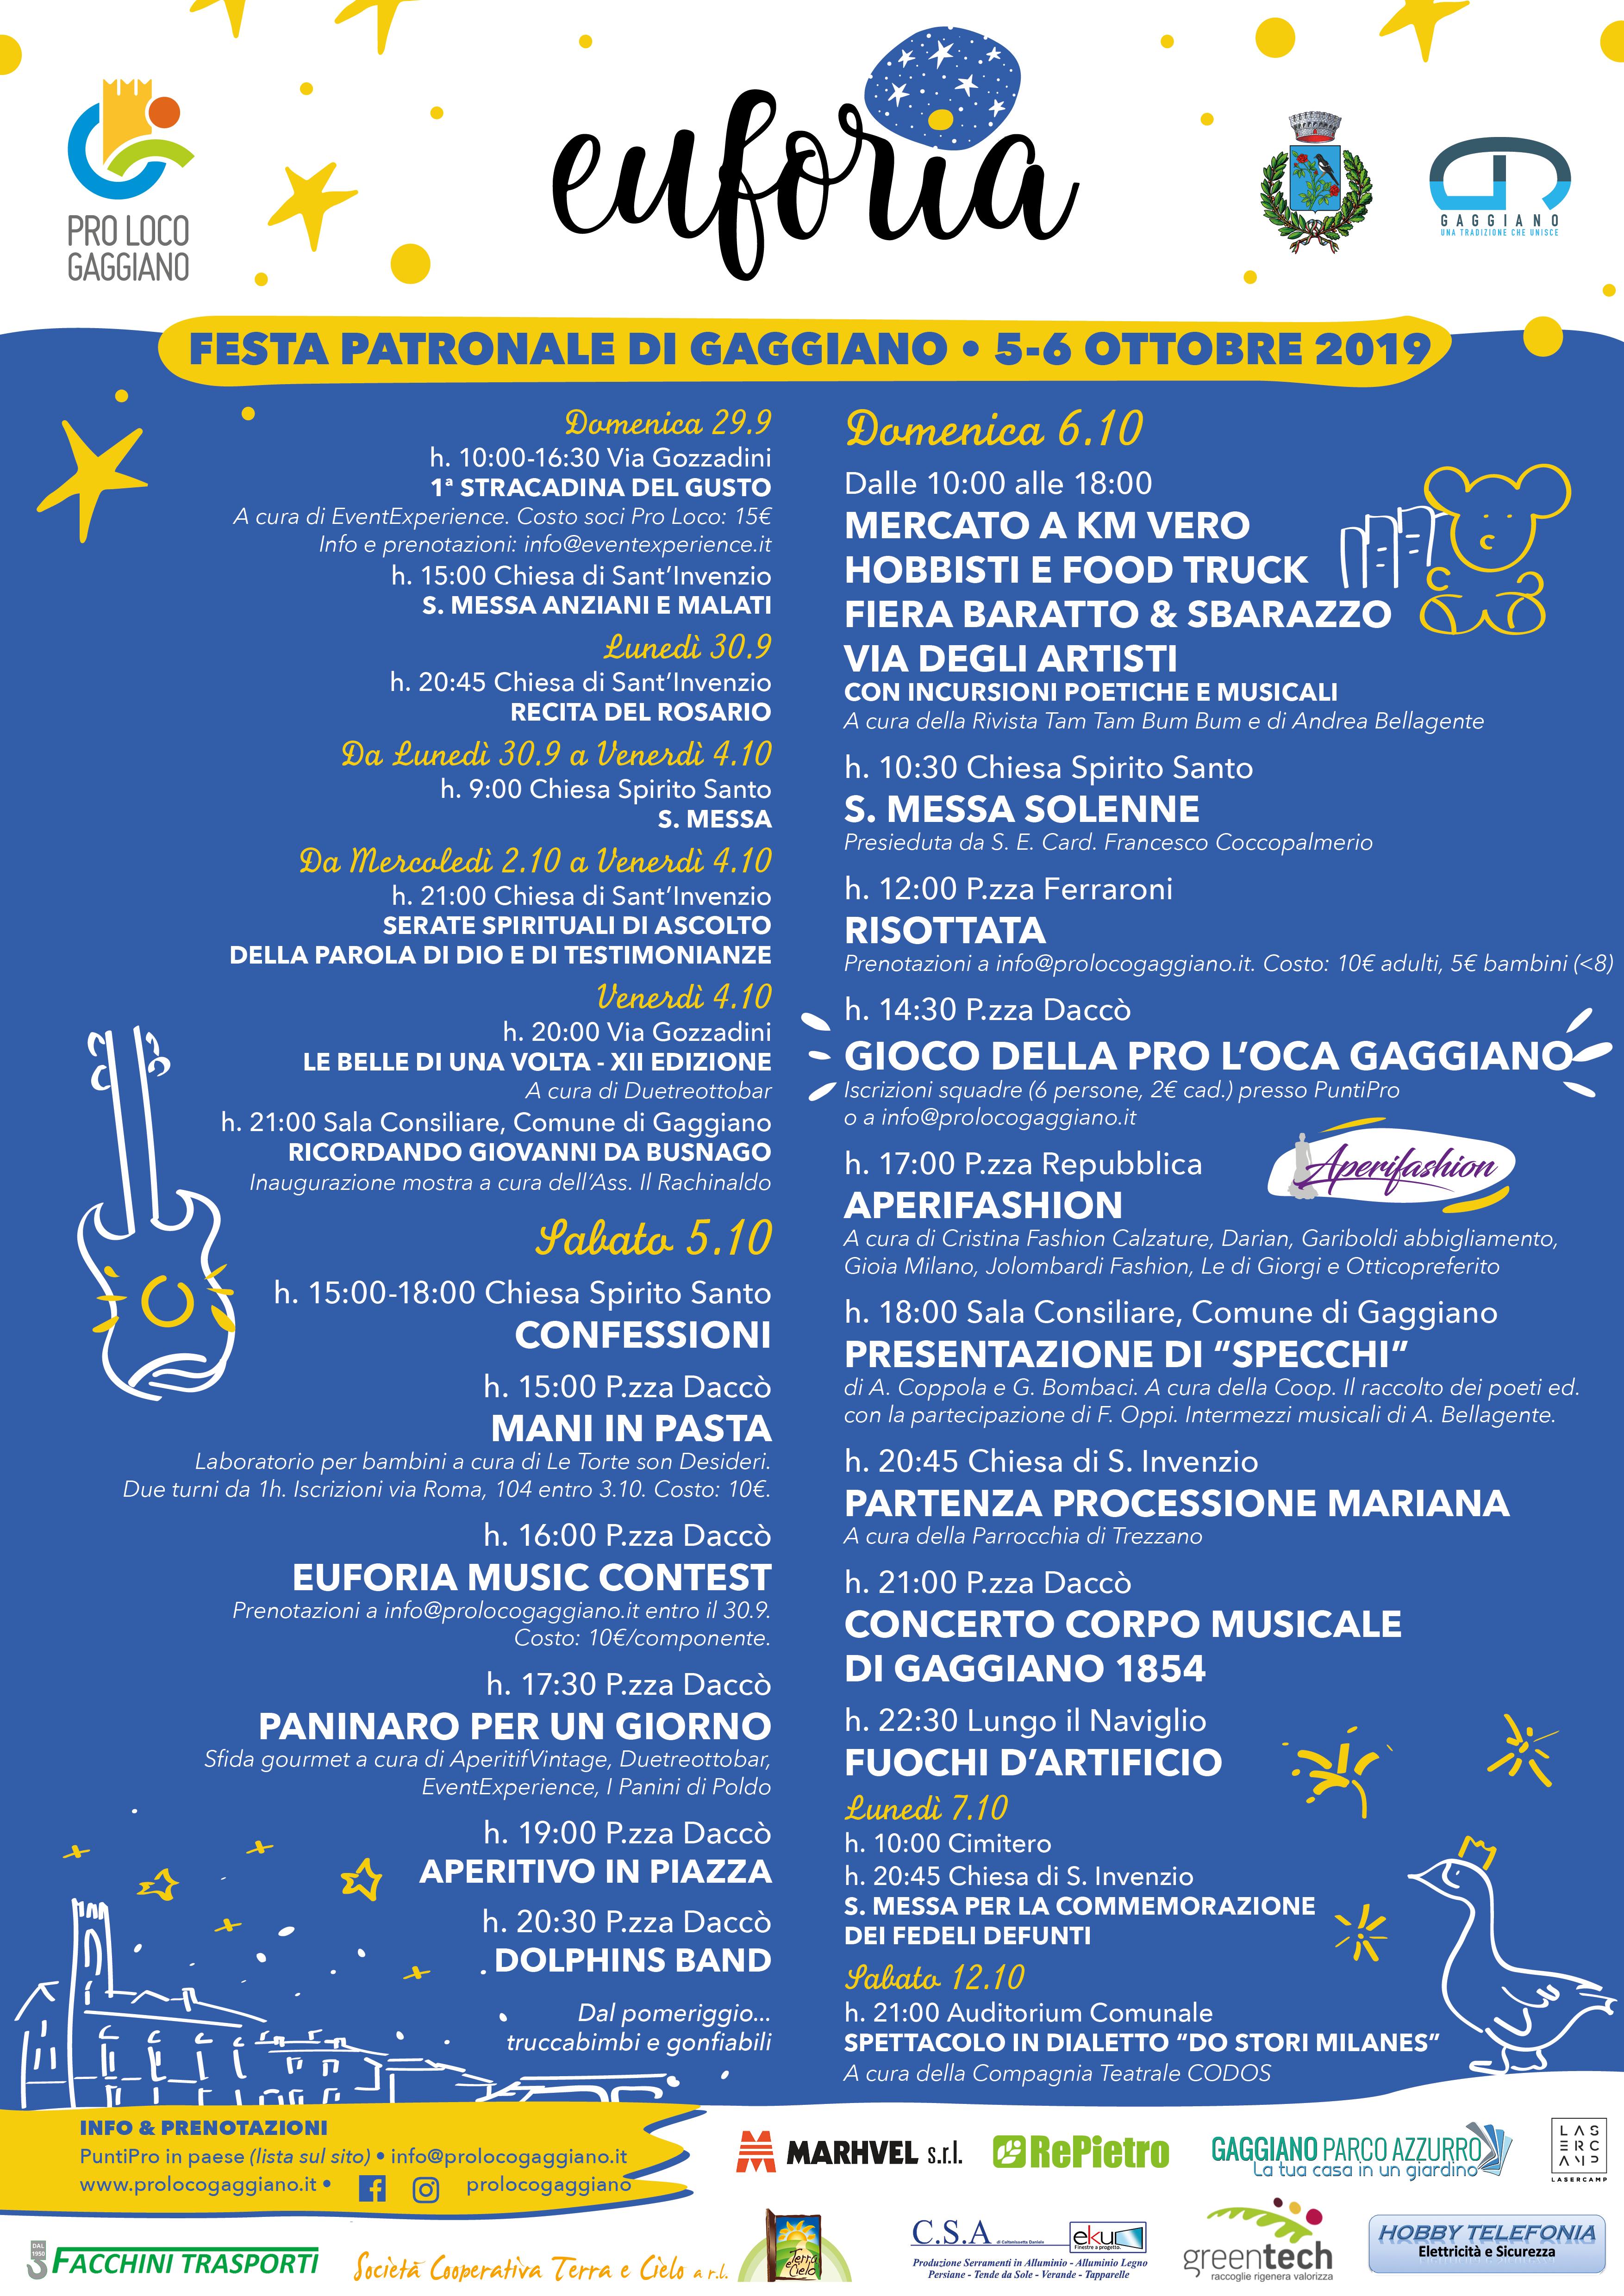 Festa Patronale di Gaggiano Euforia 2019